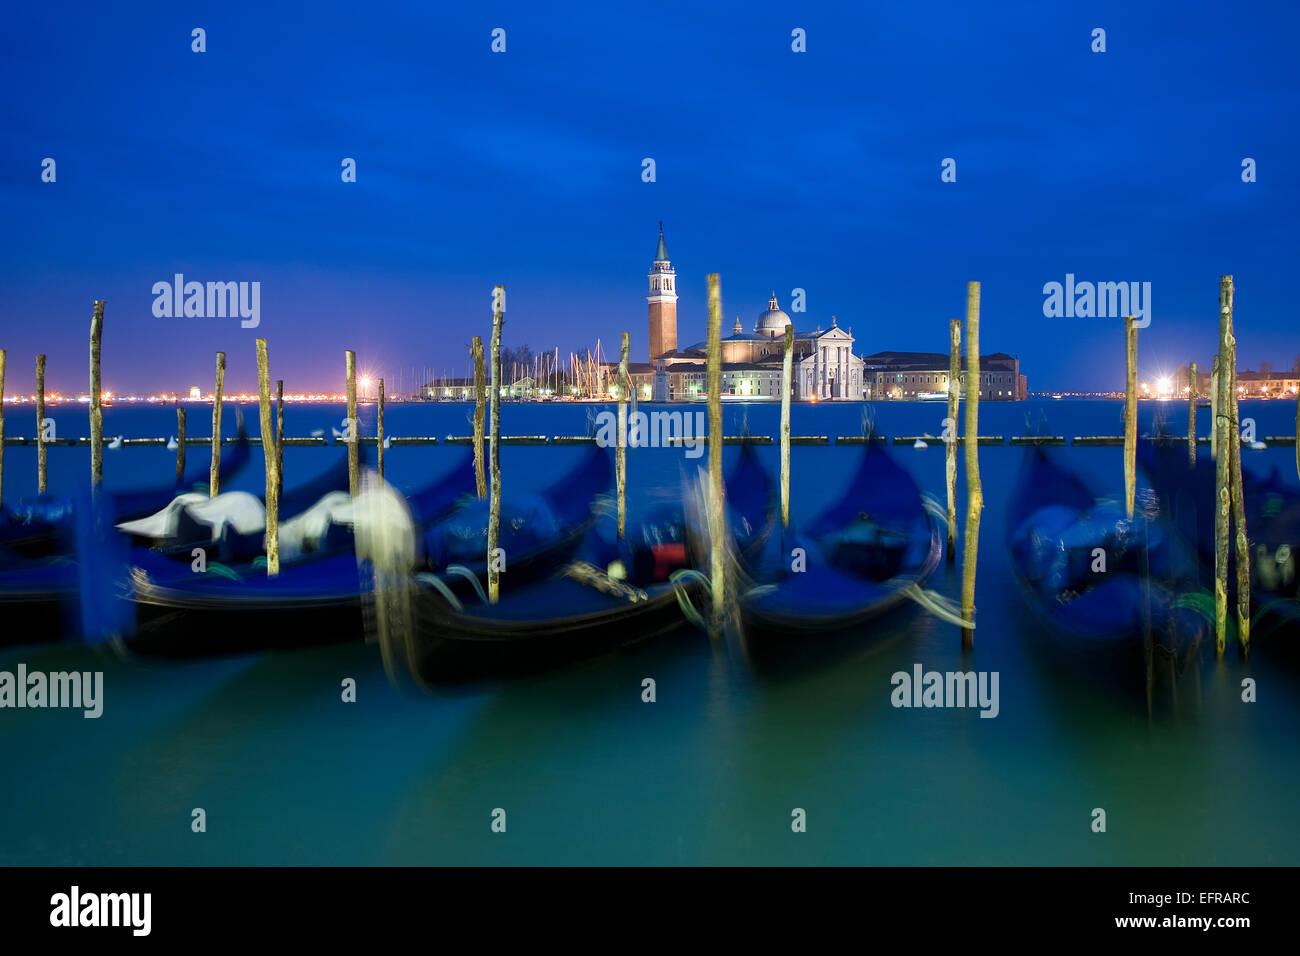 Riva degli Schiavoni and the Piazza San Marco island and church of San Giorgio Maggiore. Gondolas moored at dusk. - Stock Image